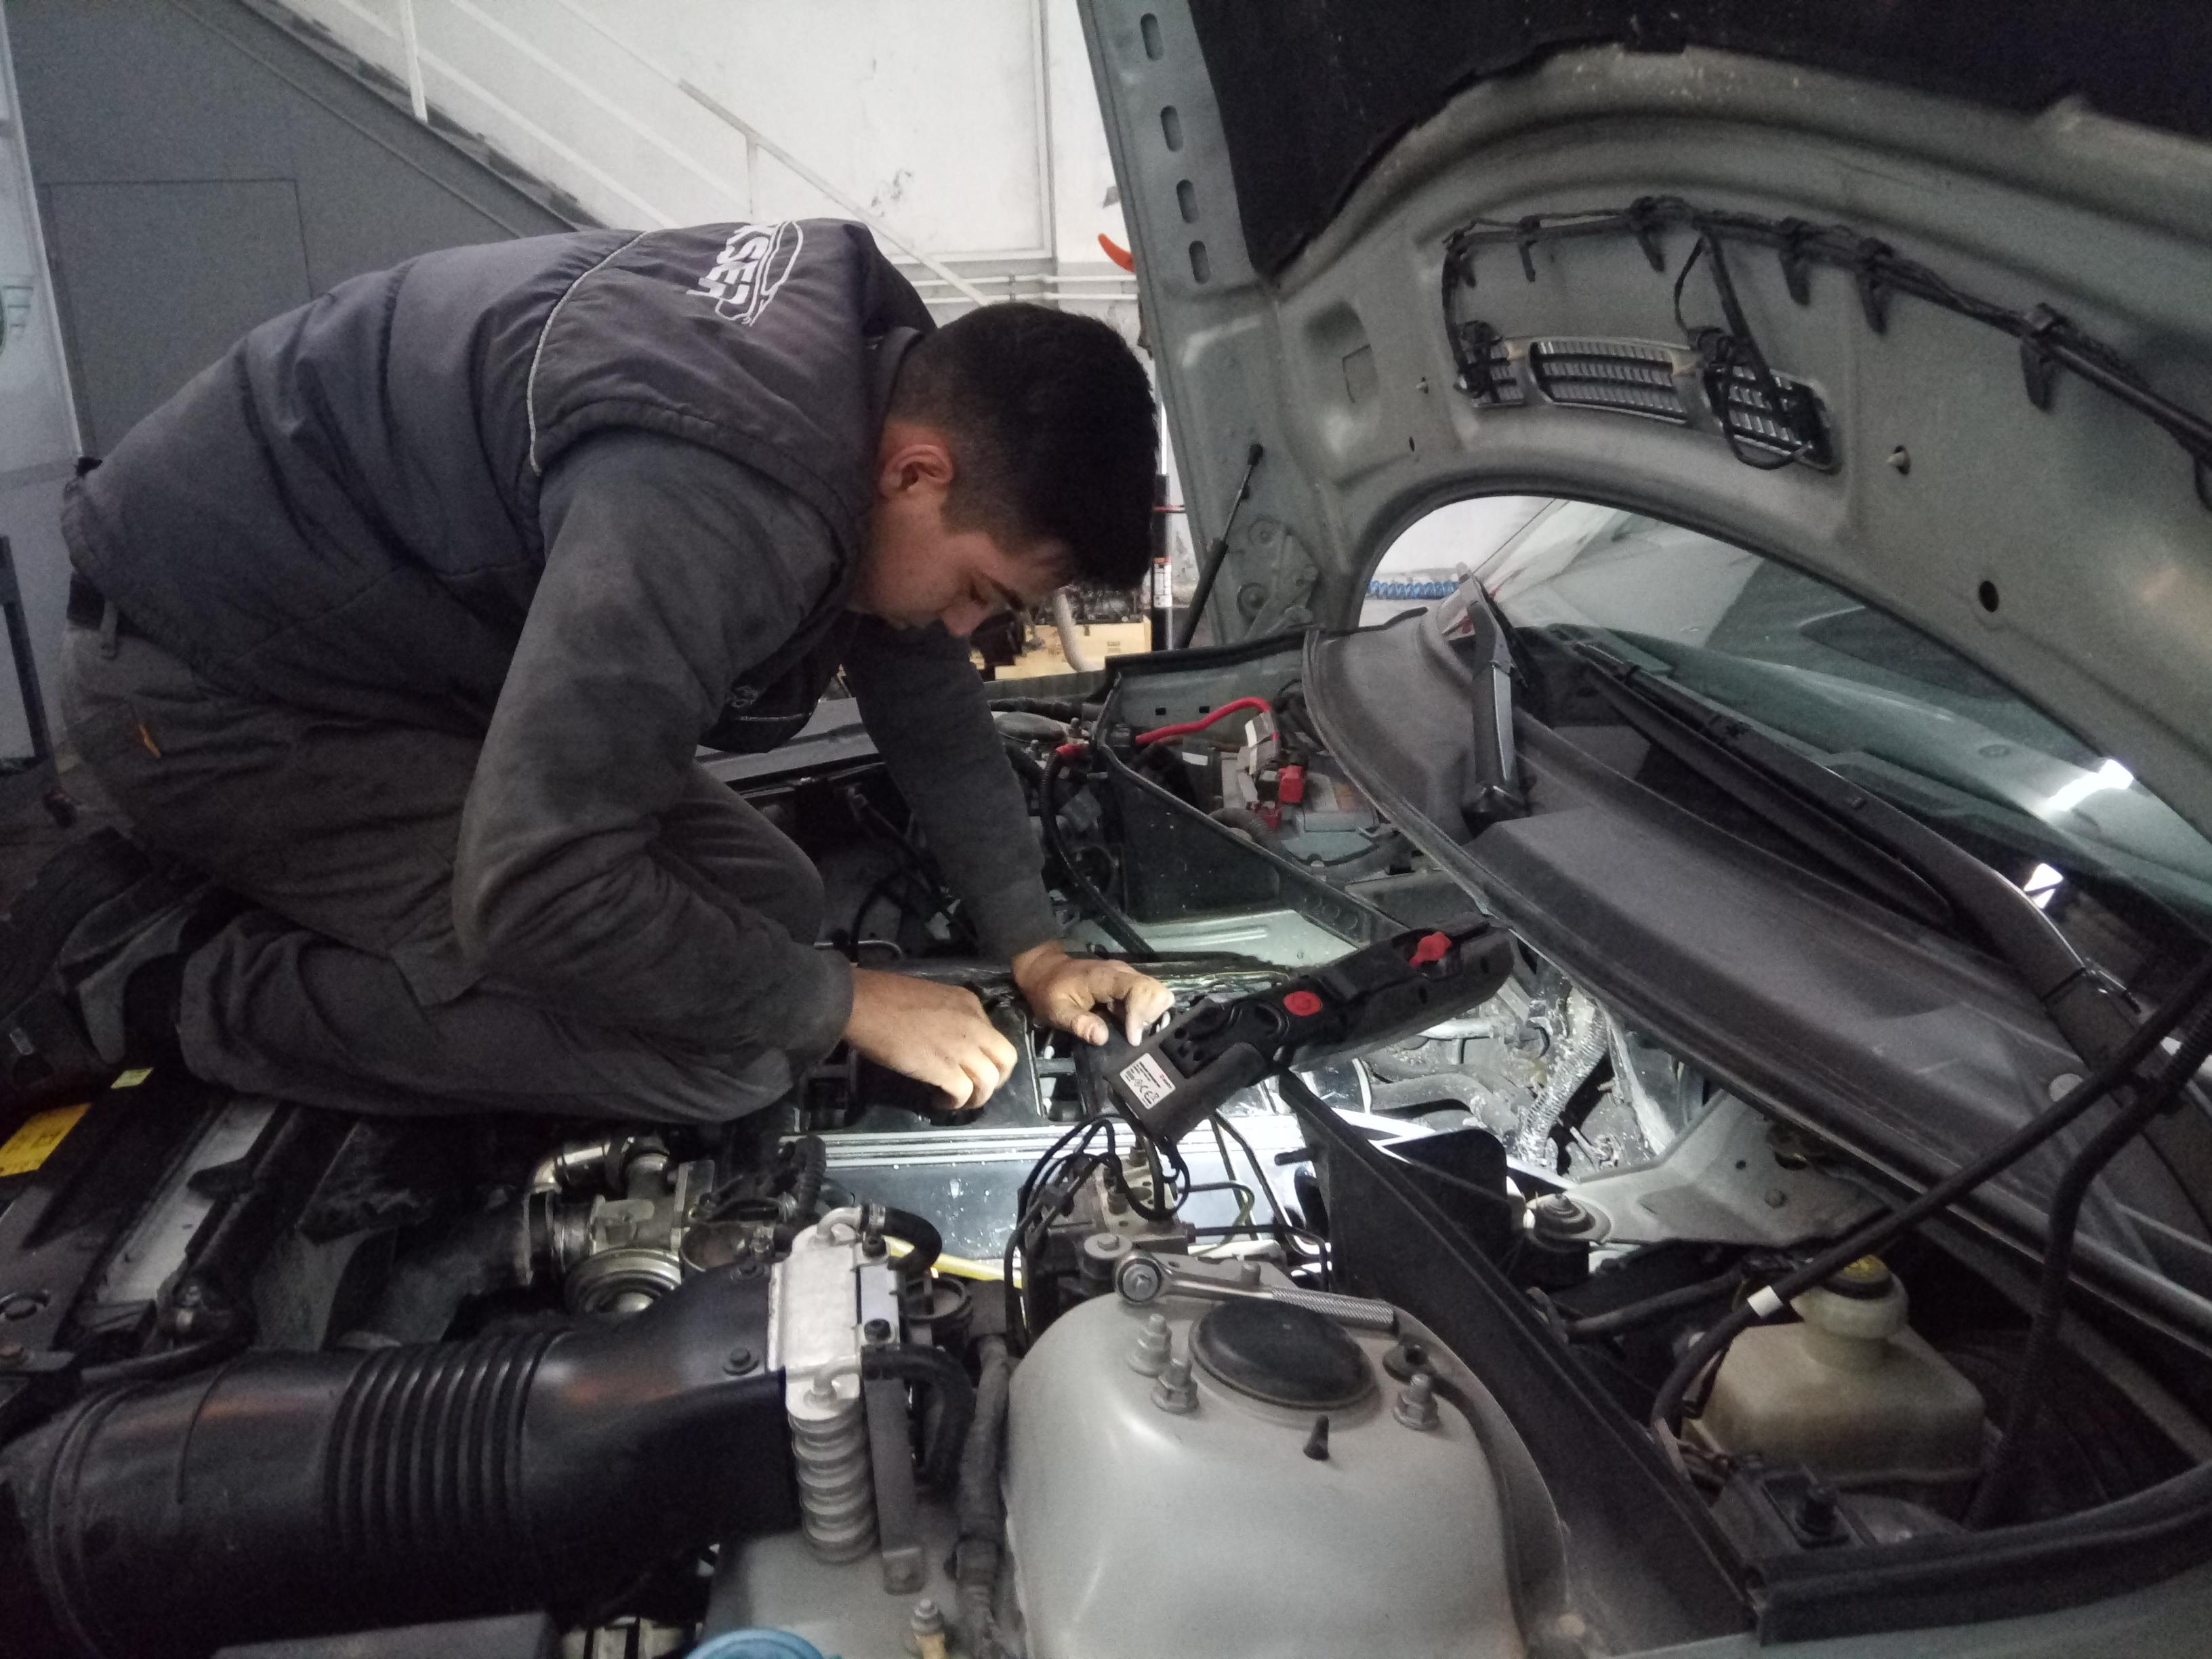 İzmir Range Rover Vogue Mekanik Onarım, Triger Seti Değişimi, Enjektör ve Pompa Bakım Onarım ve Revizyonu